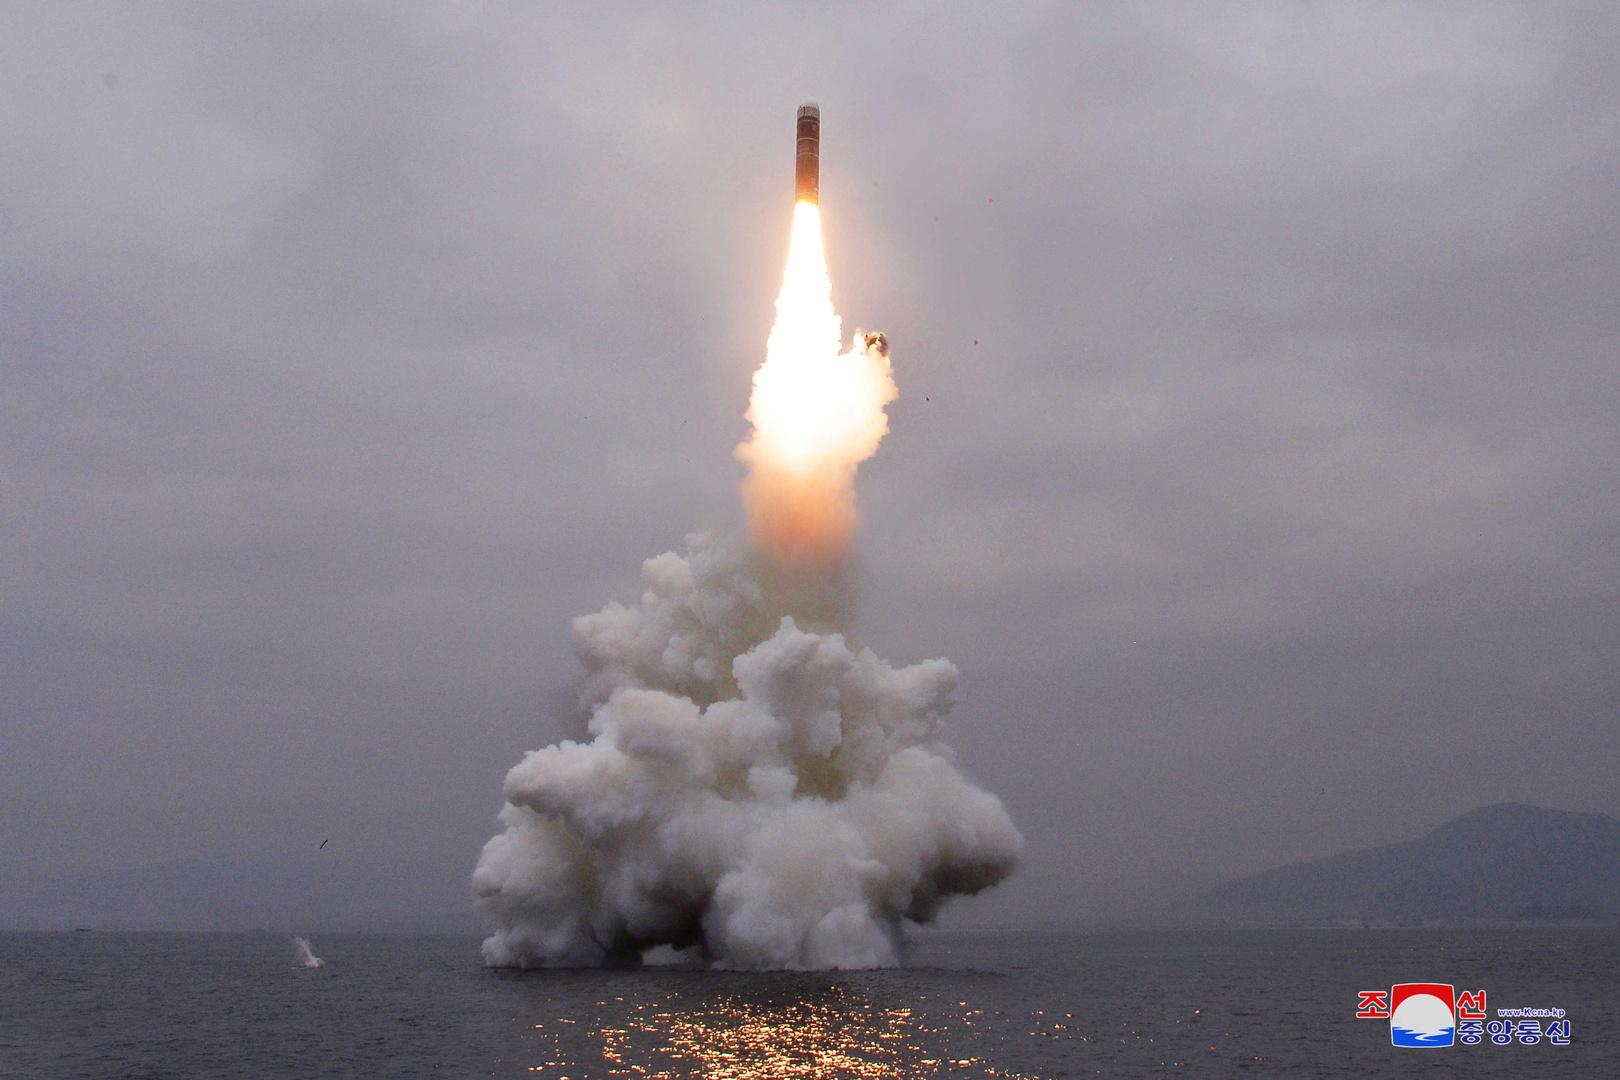 كوريا الجنوبية تطلق غواصة جديدة تحمل صواريخ باليستية